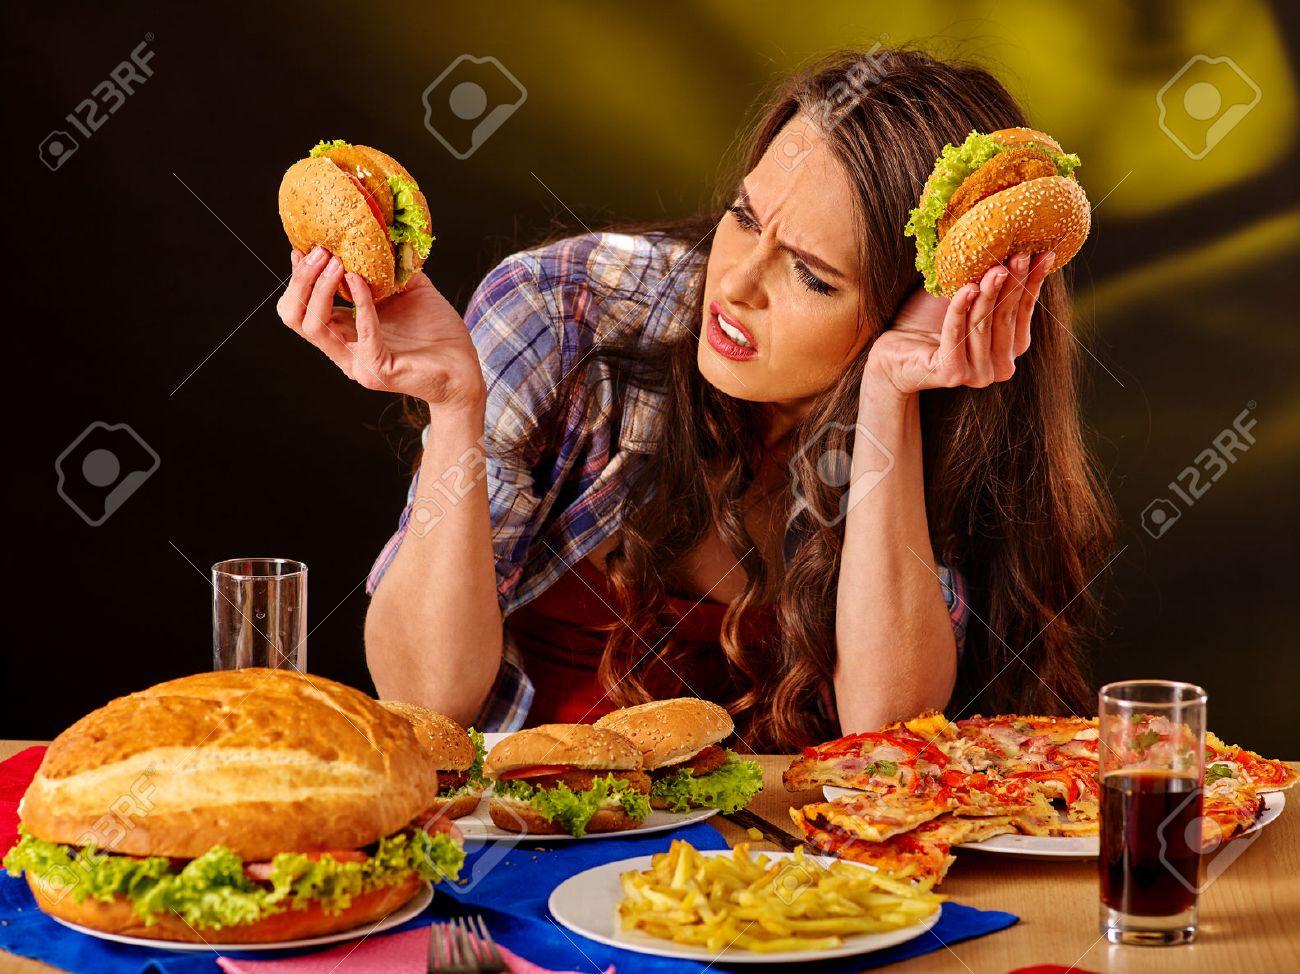 Unhappy girl eat cheap fastfood big hamburger and pizza . - 52232357